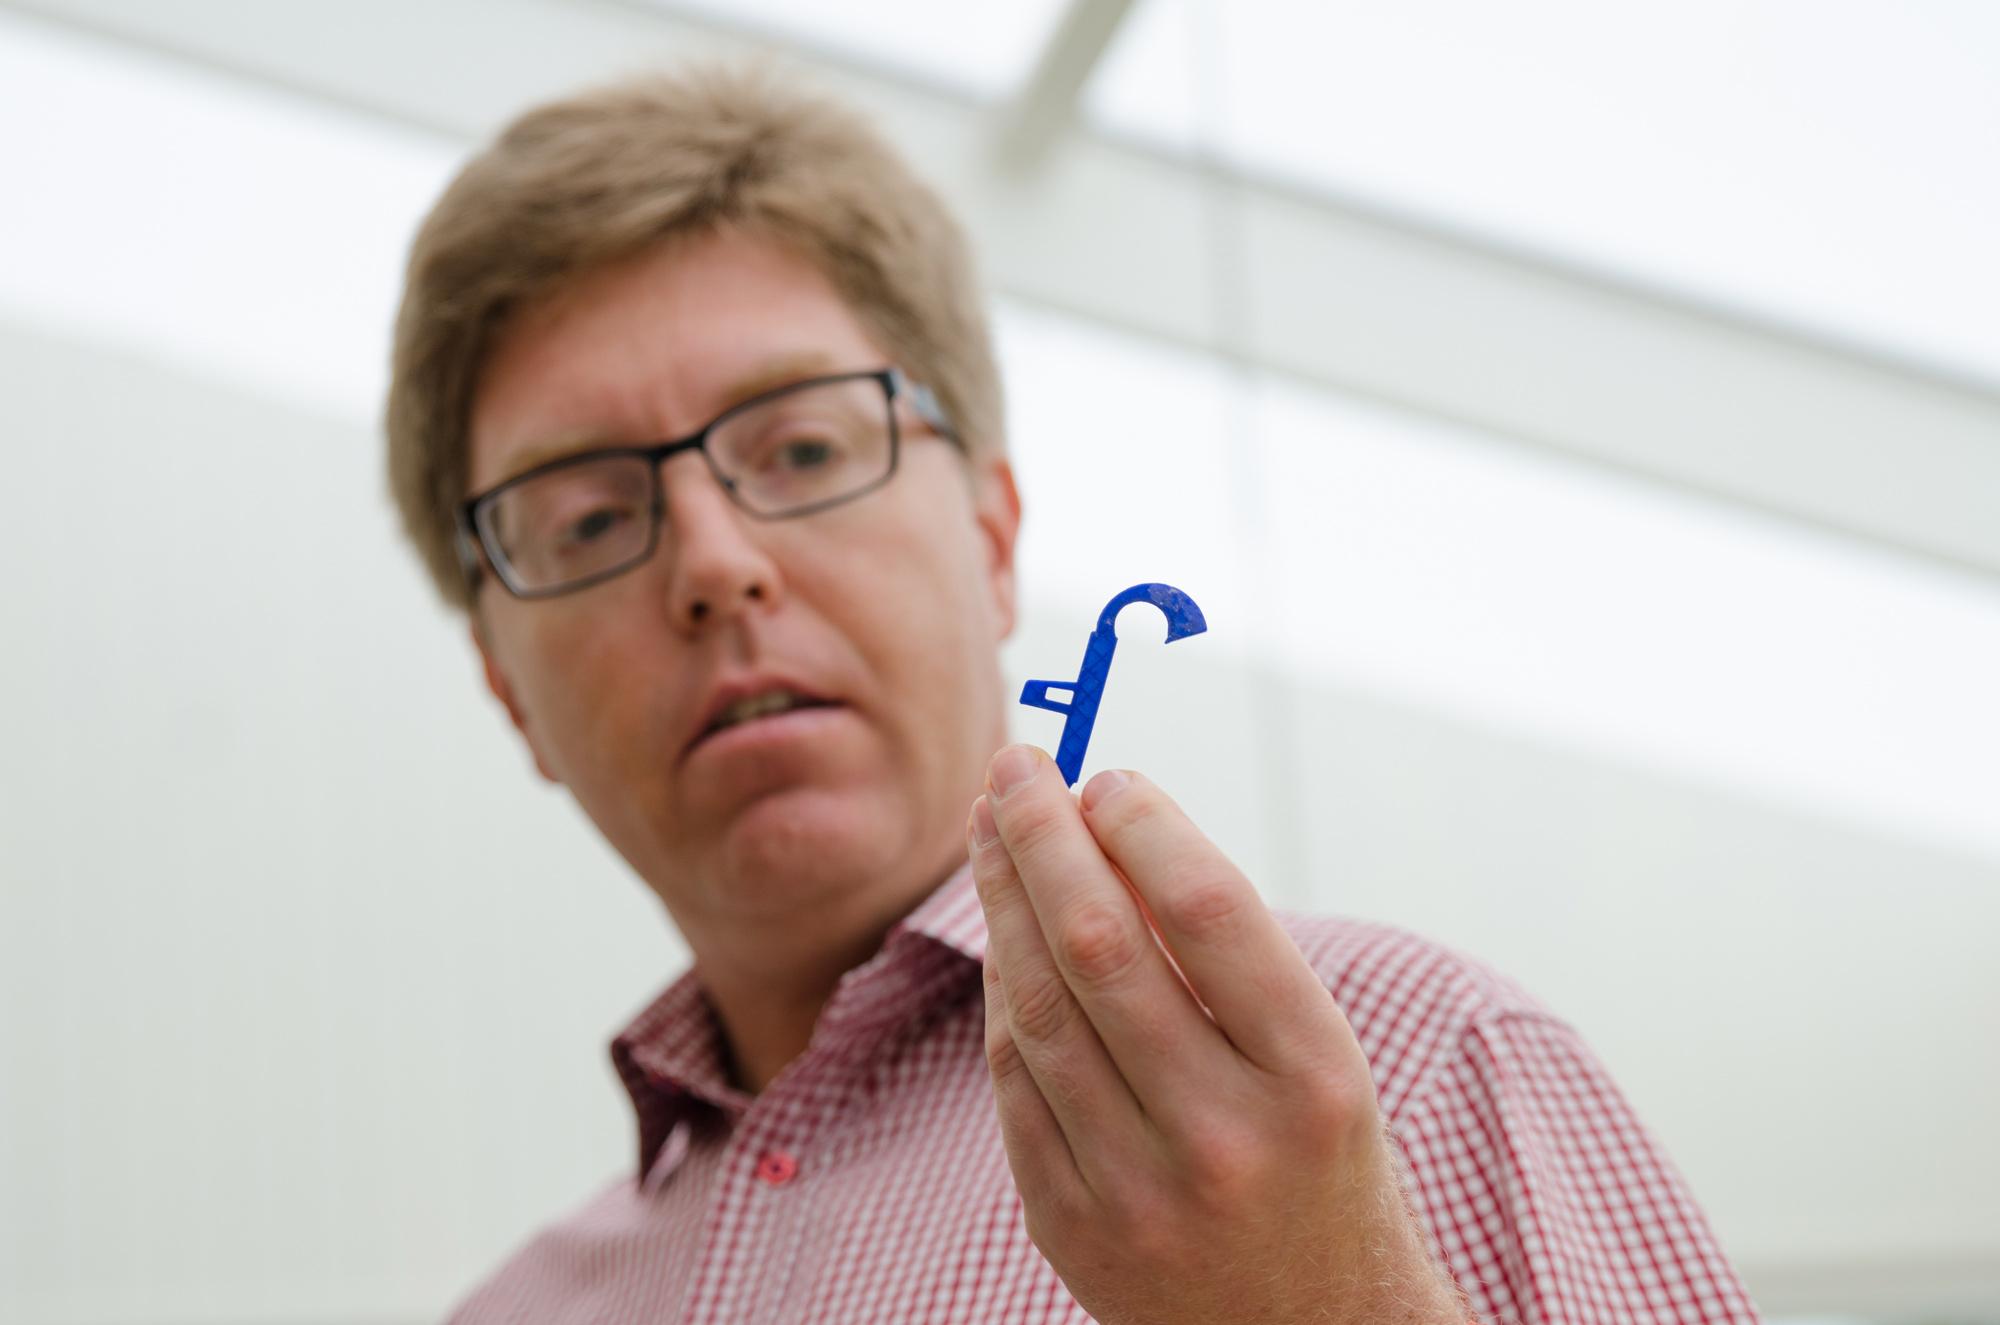 Peter Parnes visar ett exempel på en nyttosak han tog fram till sin fru som behövde en ny, hm, grej.